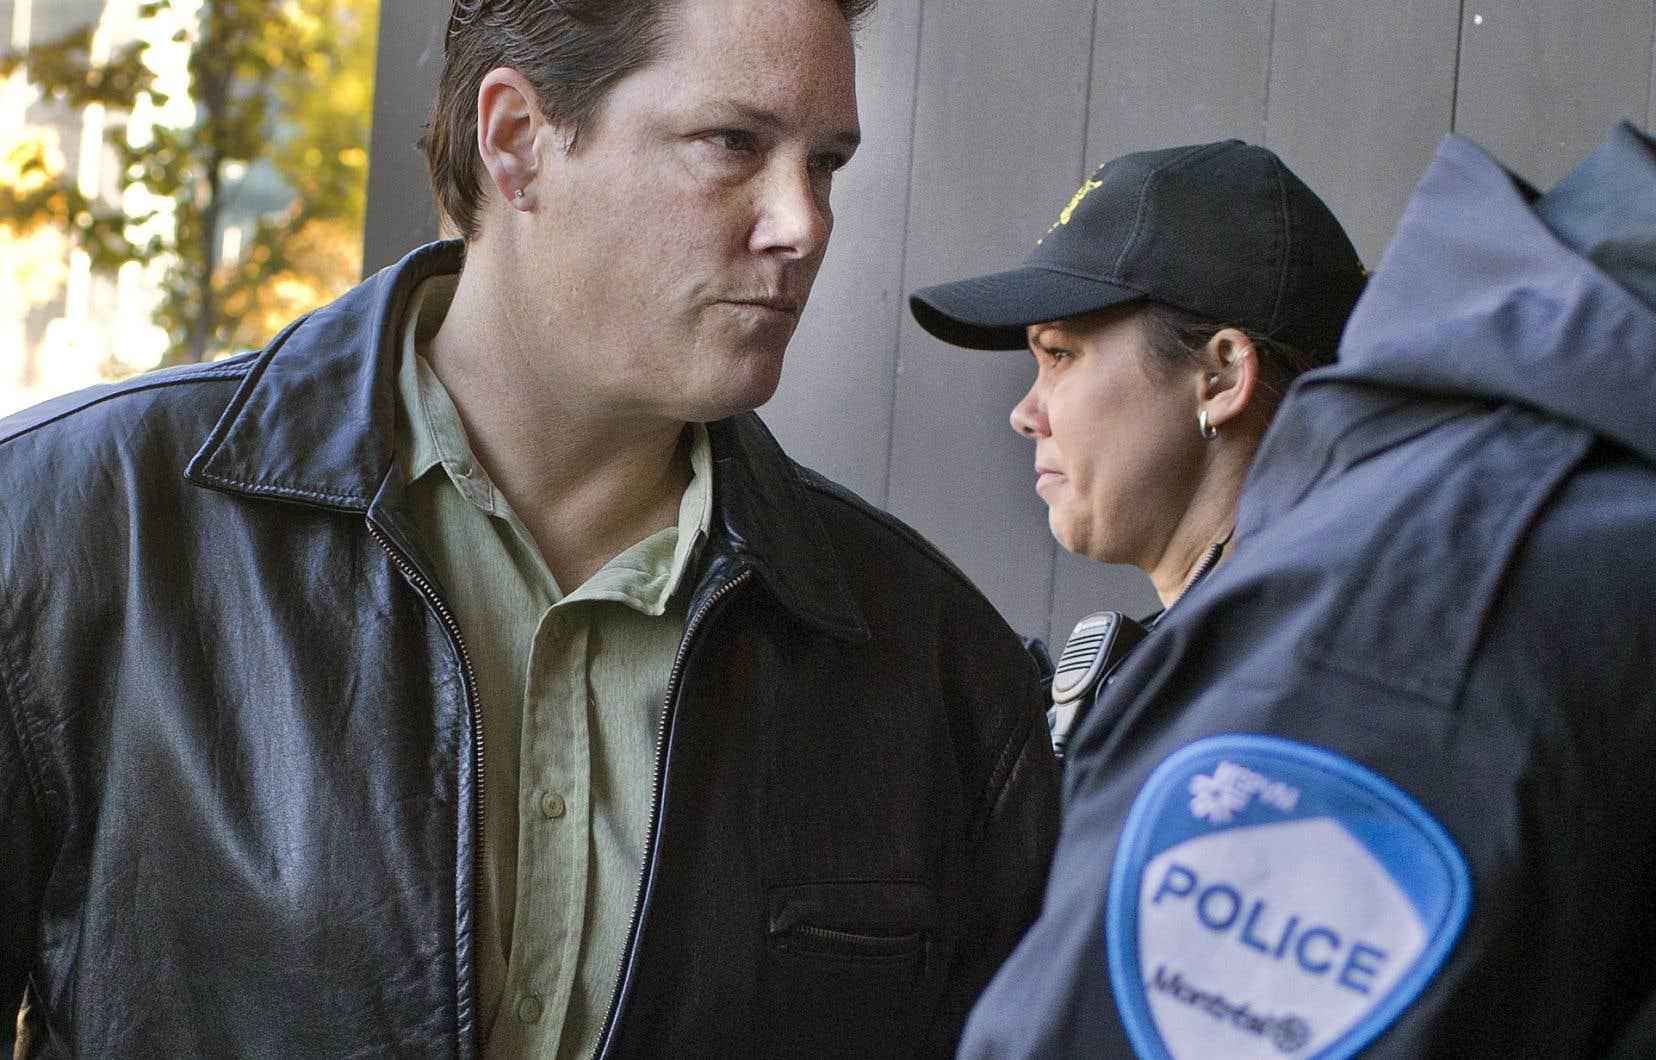 Stéfanie Trudeau avait été reconnue coupable en février 2016 de voies de fait. Le juge Daniel Bédard avait estimé qu'elle avait eu recours à une «force excessive et démesurée».